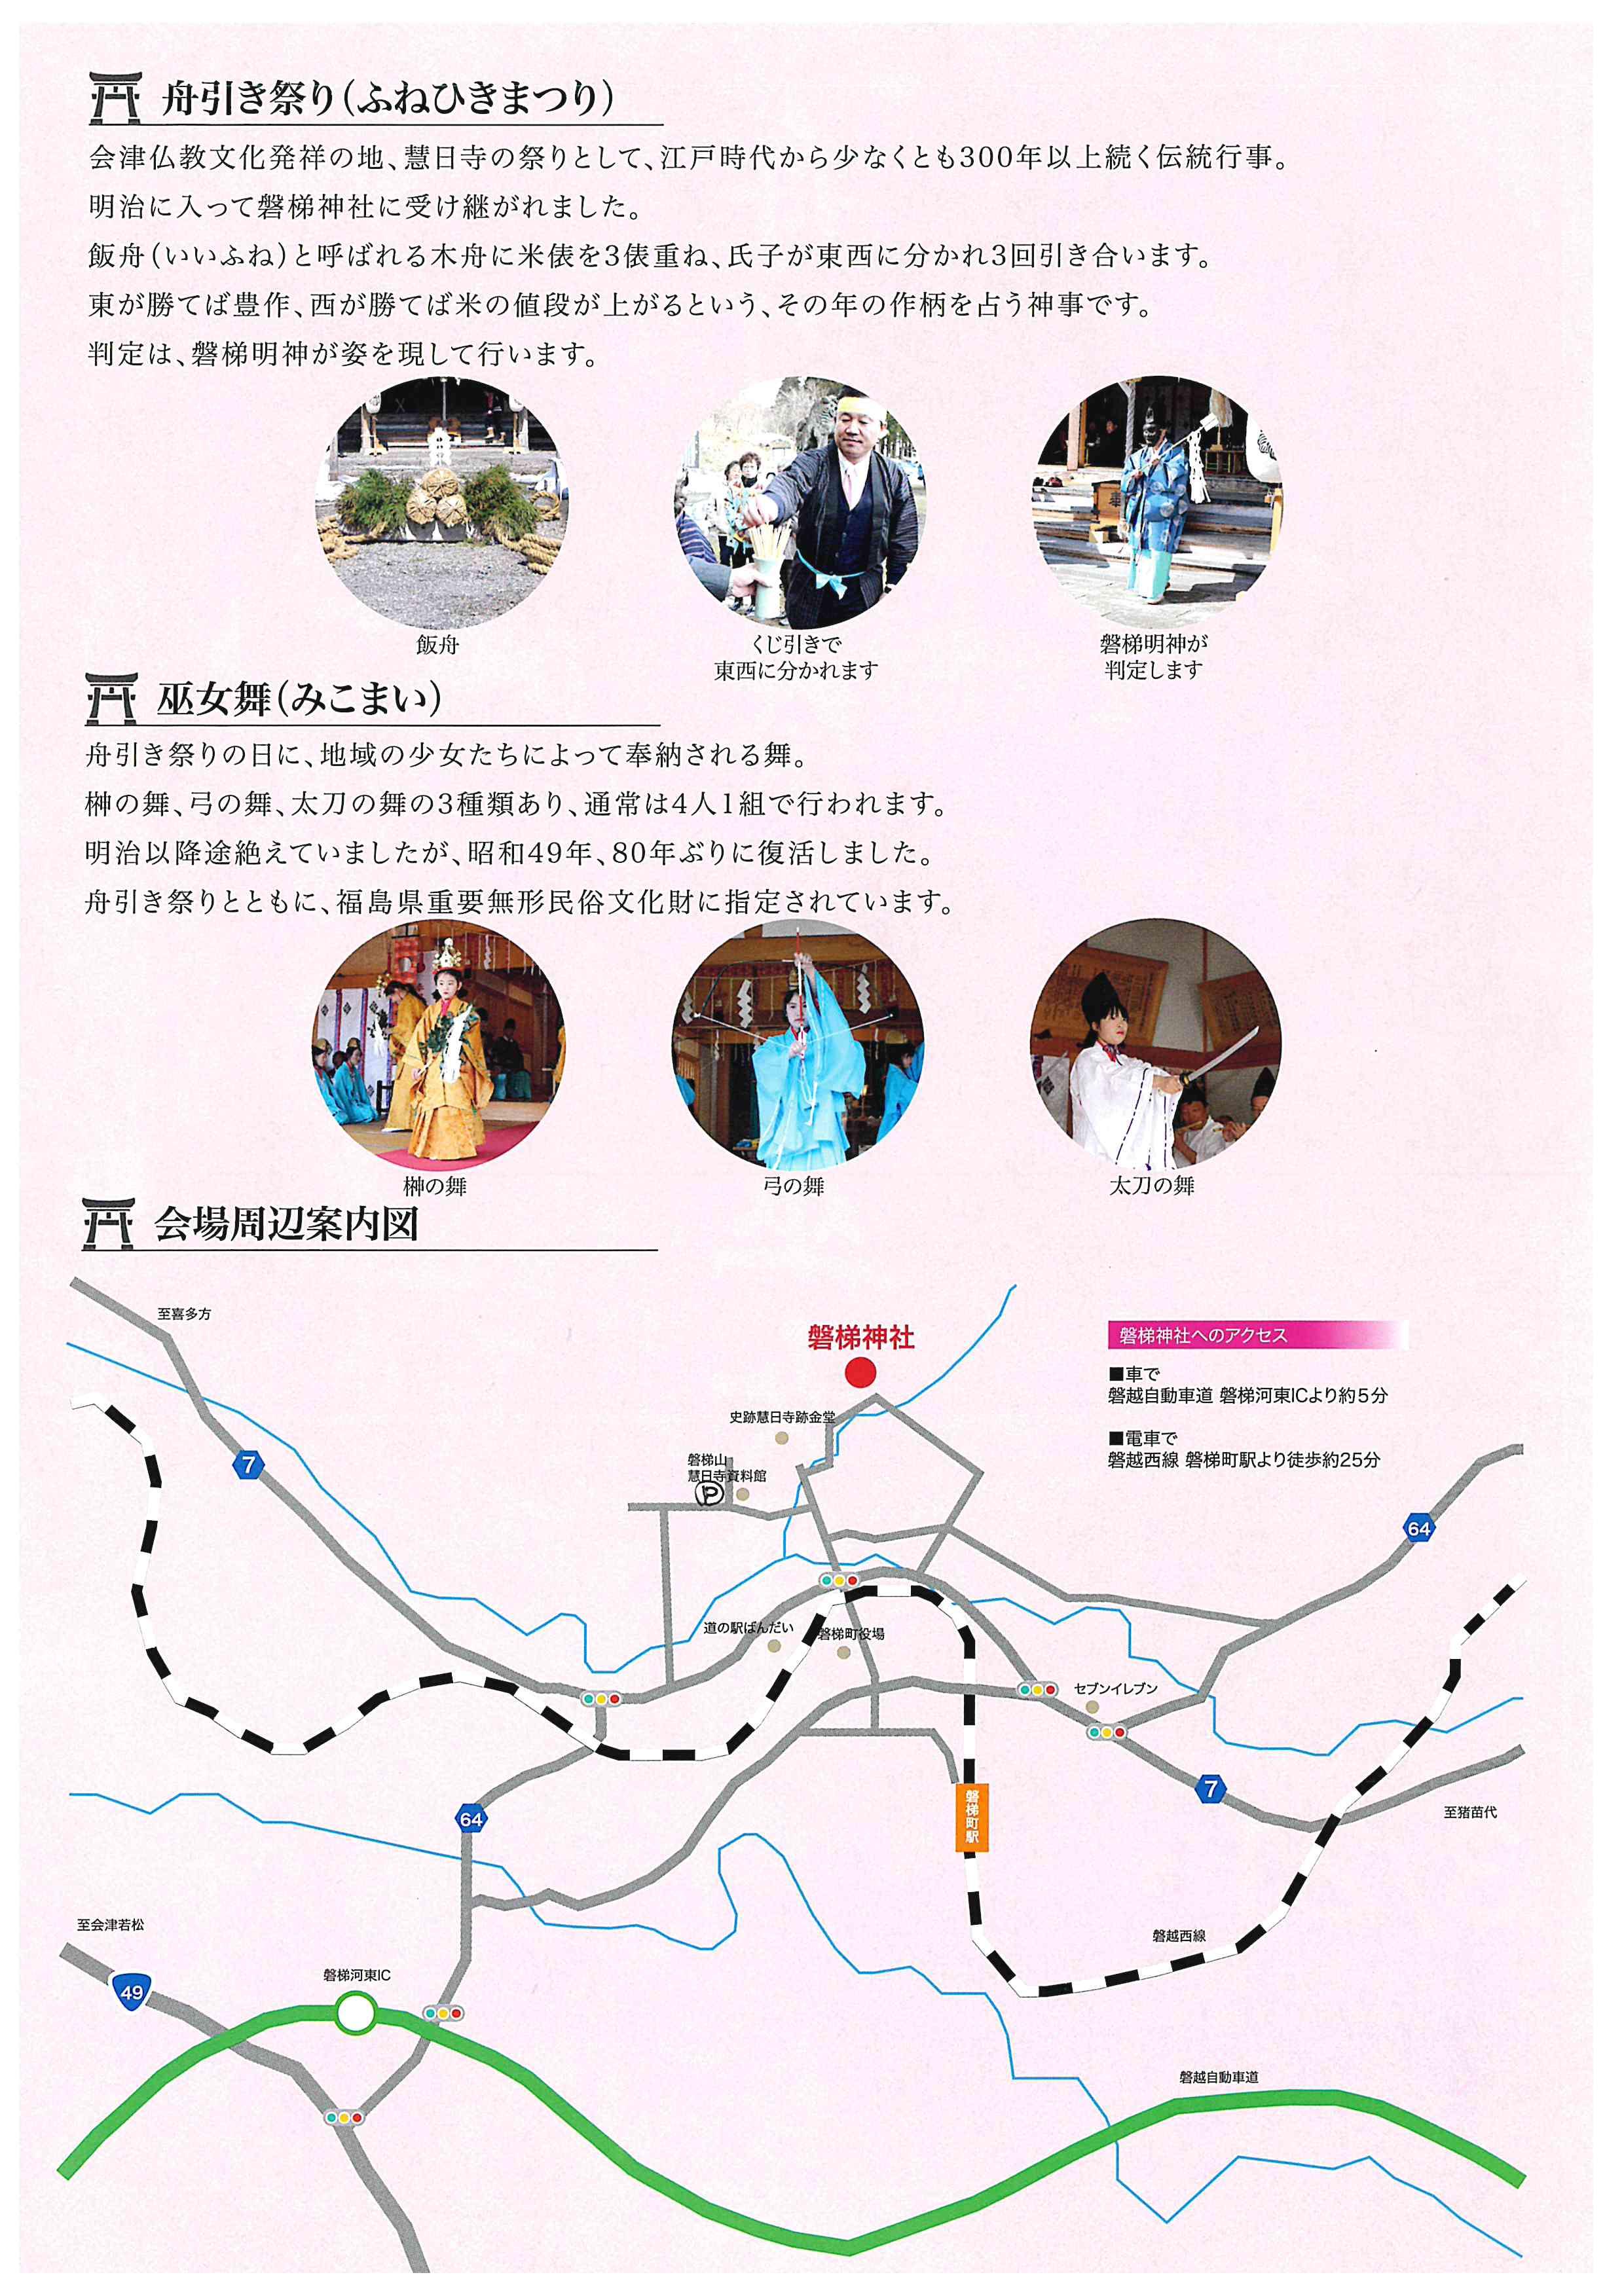 舟引き祭り(磐梯町)裏